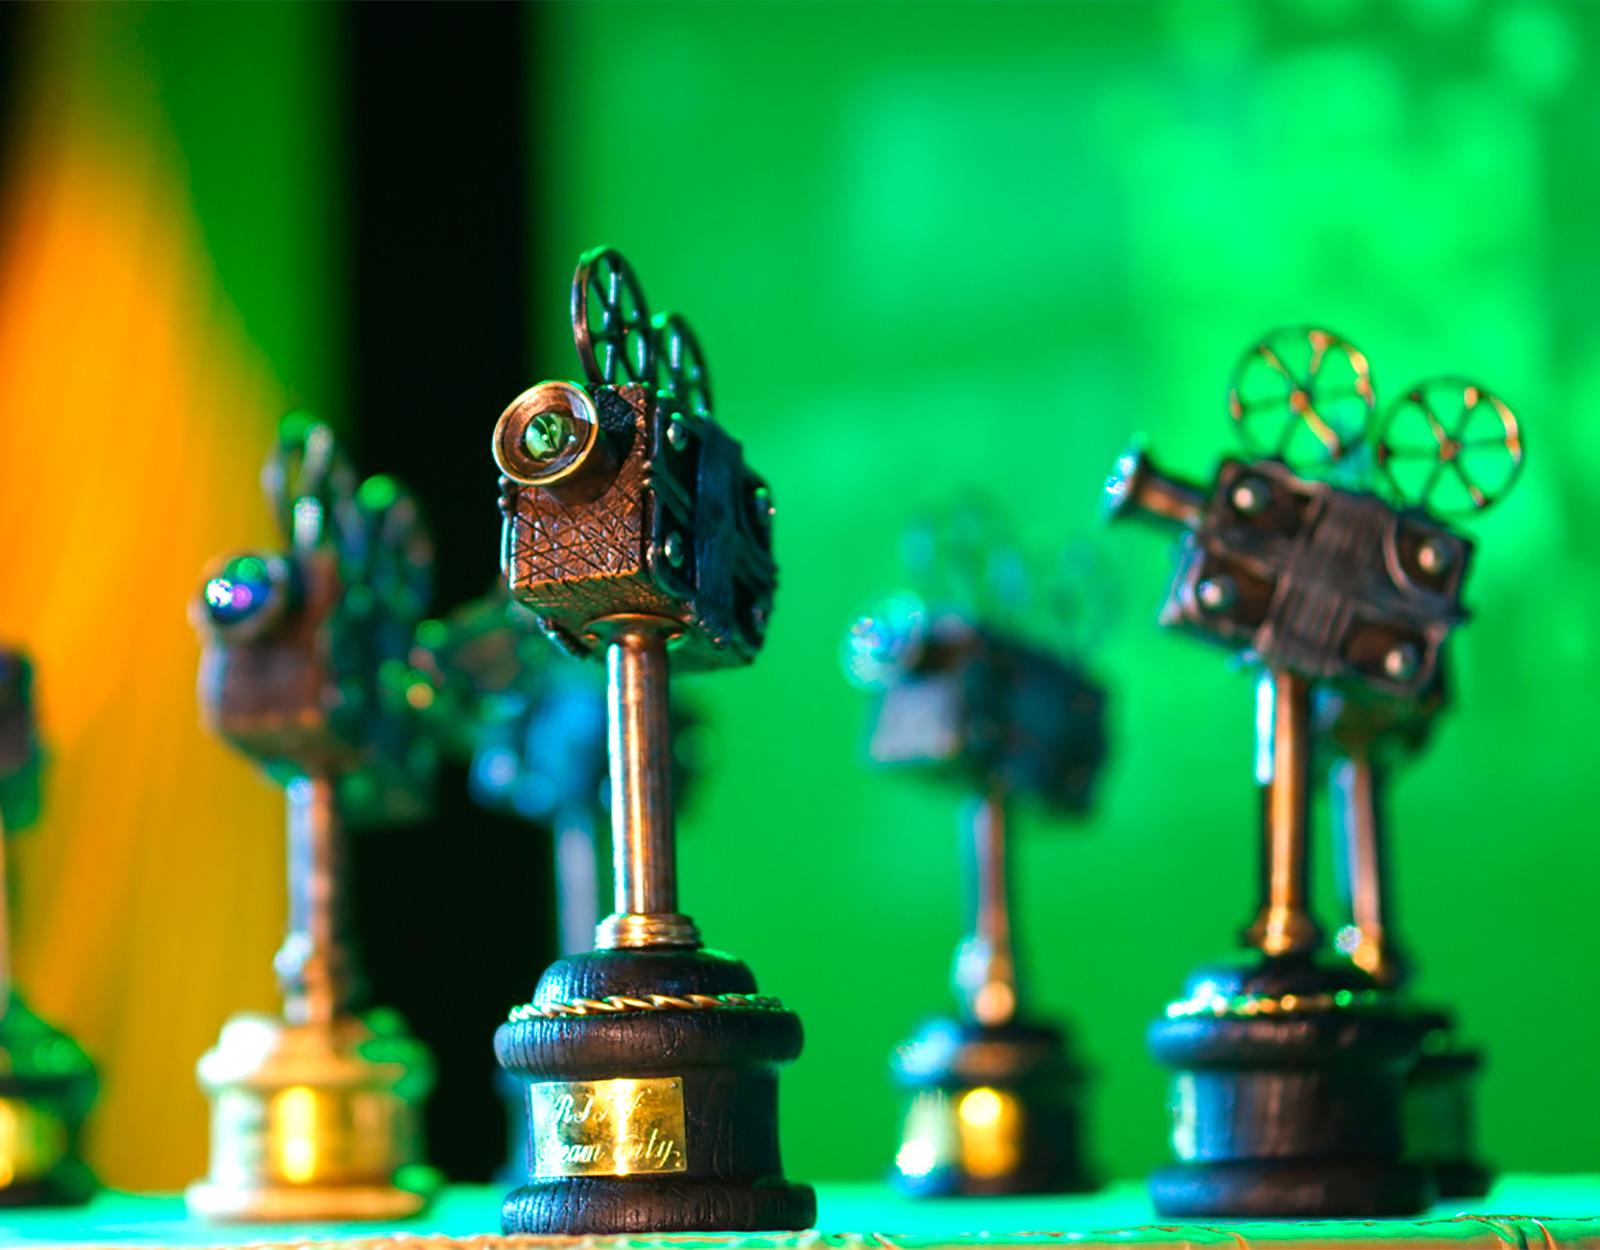 4-й Ровенский международный кинофестиваль «Город мечты». С 24 по 28 сентября, Ровно